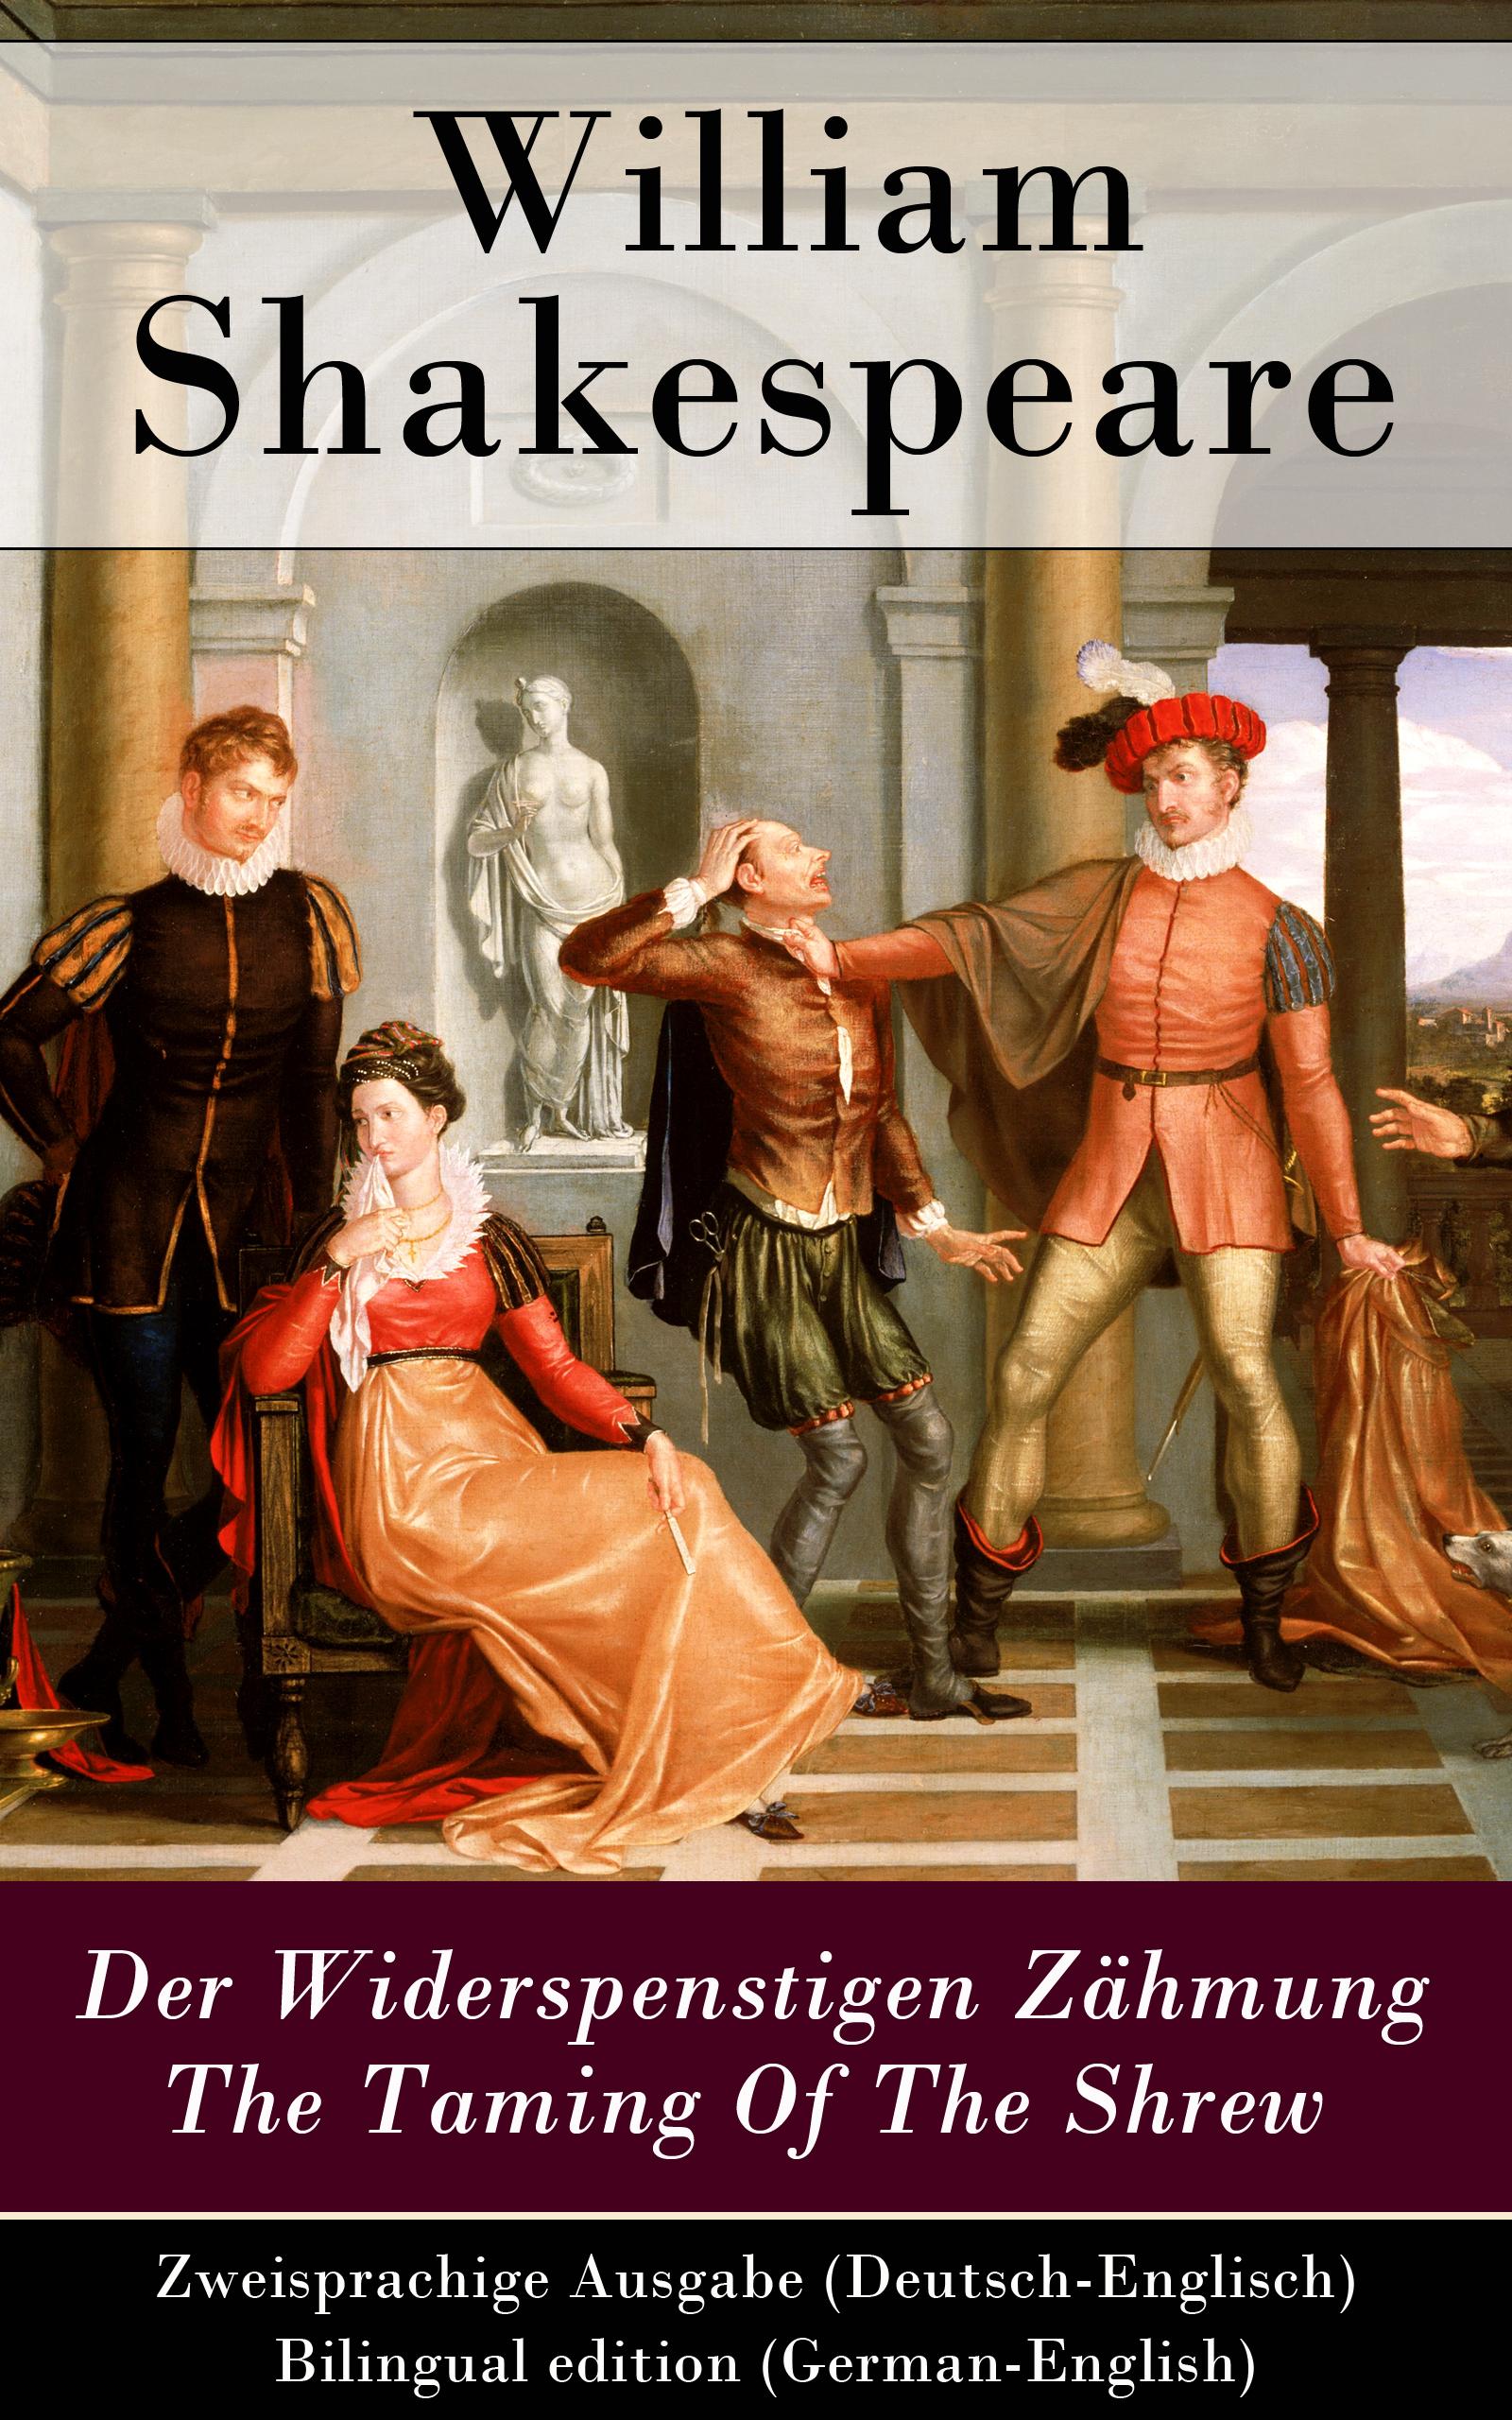 цена Уильям Шекспир Der Widerspenstigen Zähmung / The Taming Of The Shrew - Zweisprachige Ausgabe (Deutsch-Englisch) / Bilingual edition (German-English) онлайн в 2017 году